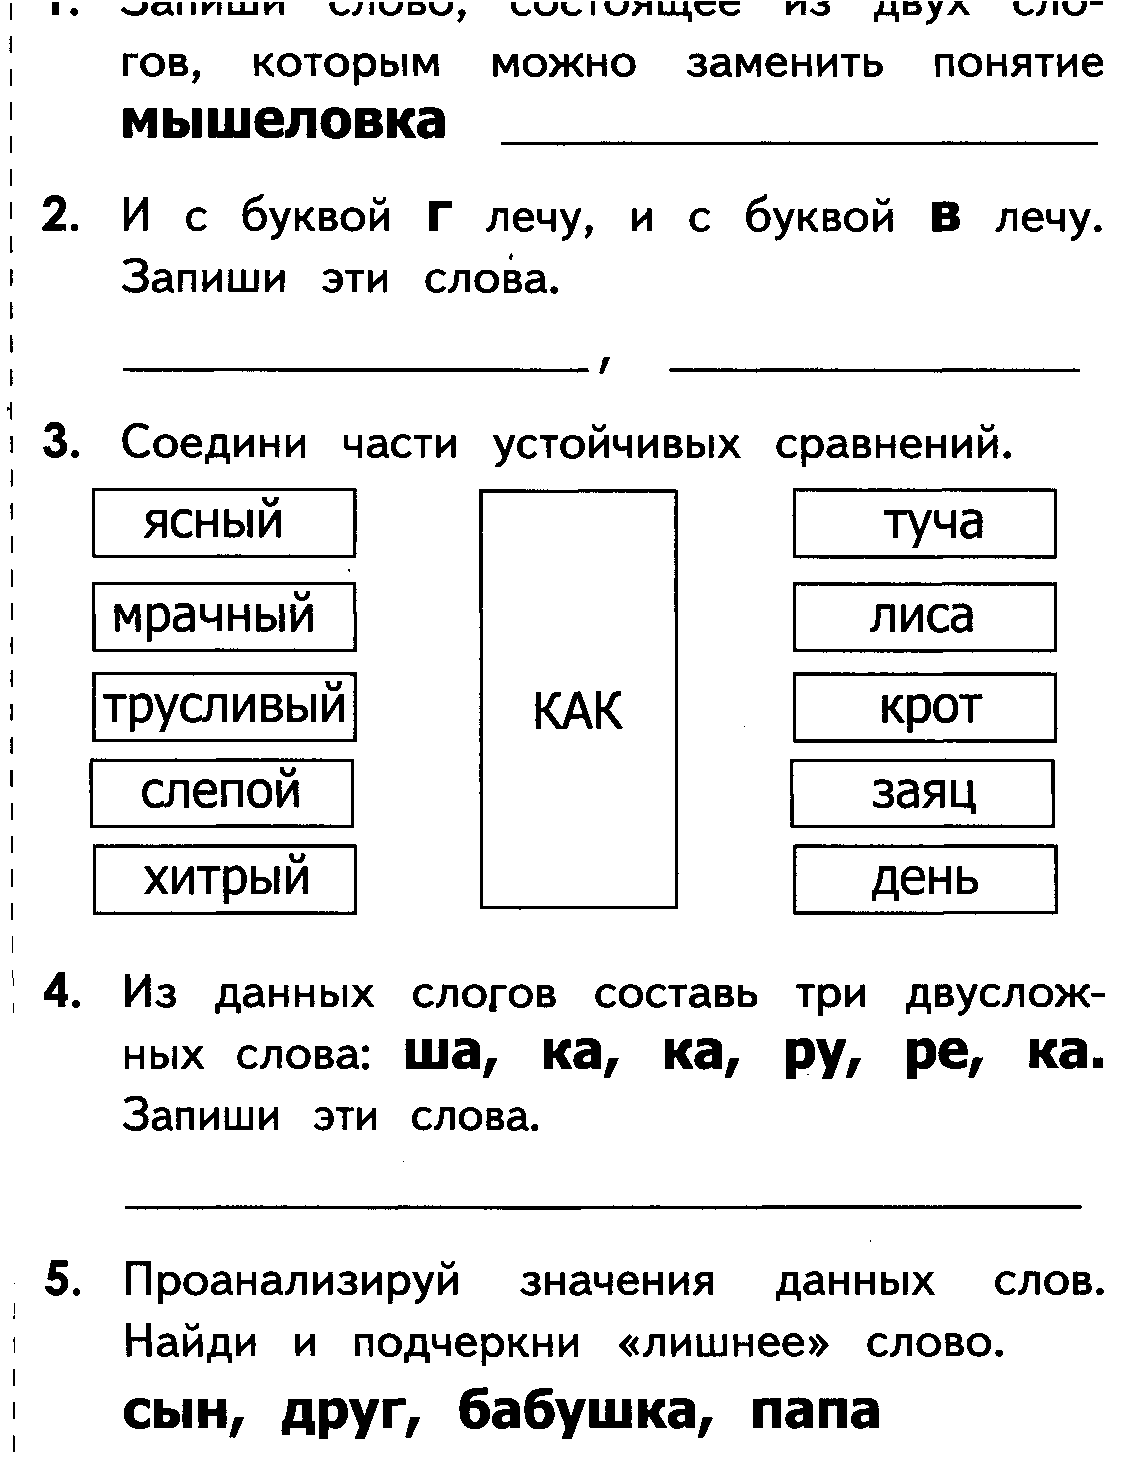 C:\Users\Анна Петровна\Desktop\media\image1.png